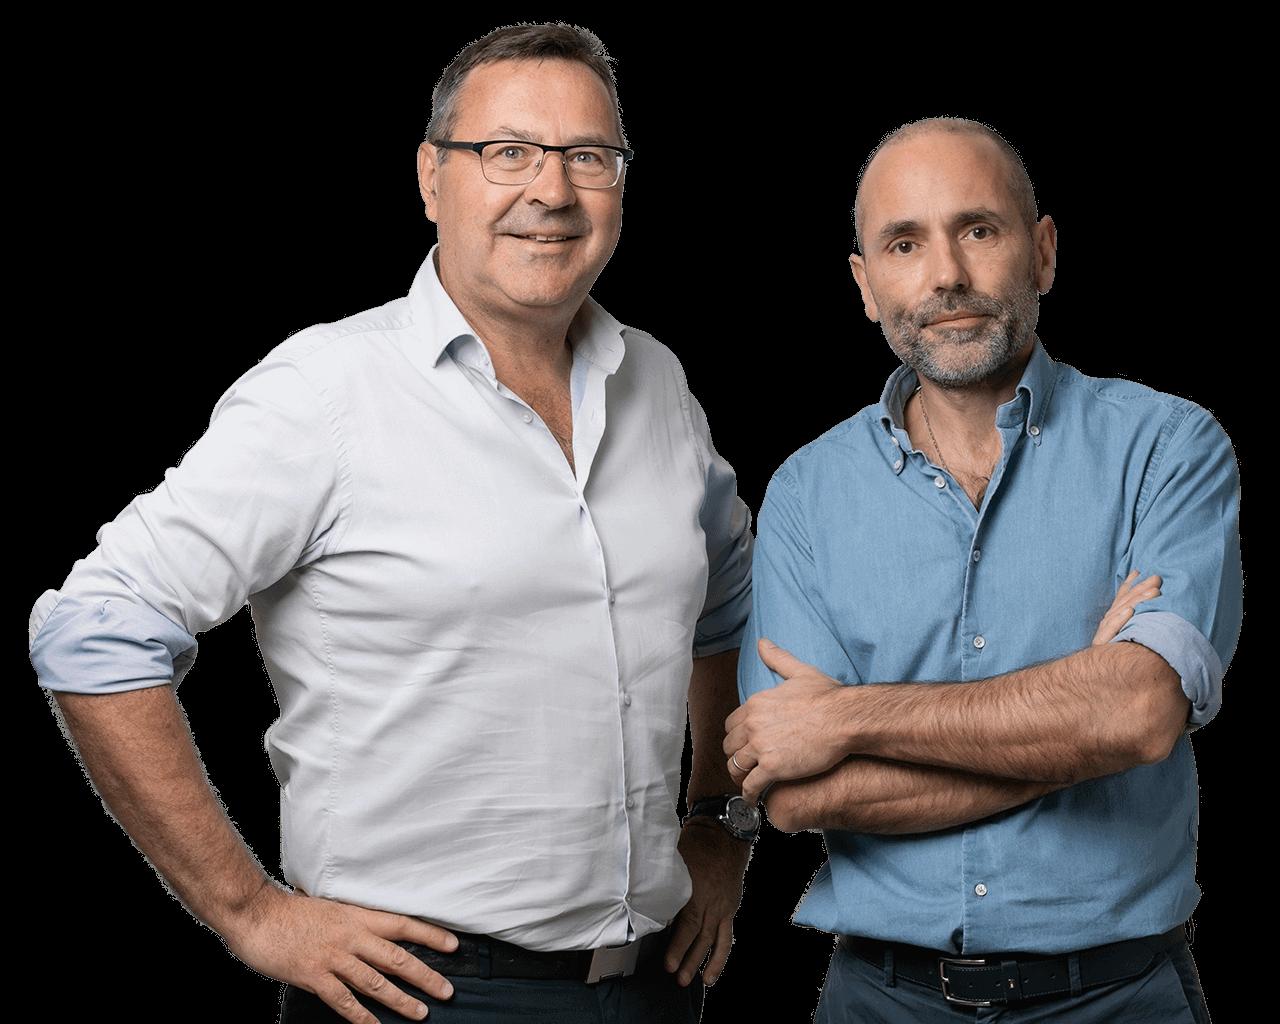 Jean-Luc et Xavier, experts-comptables du cabinet SOCIC